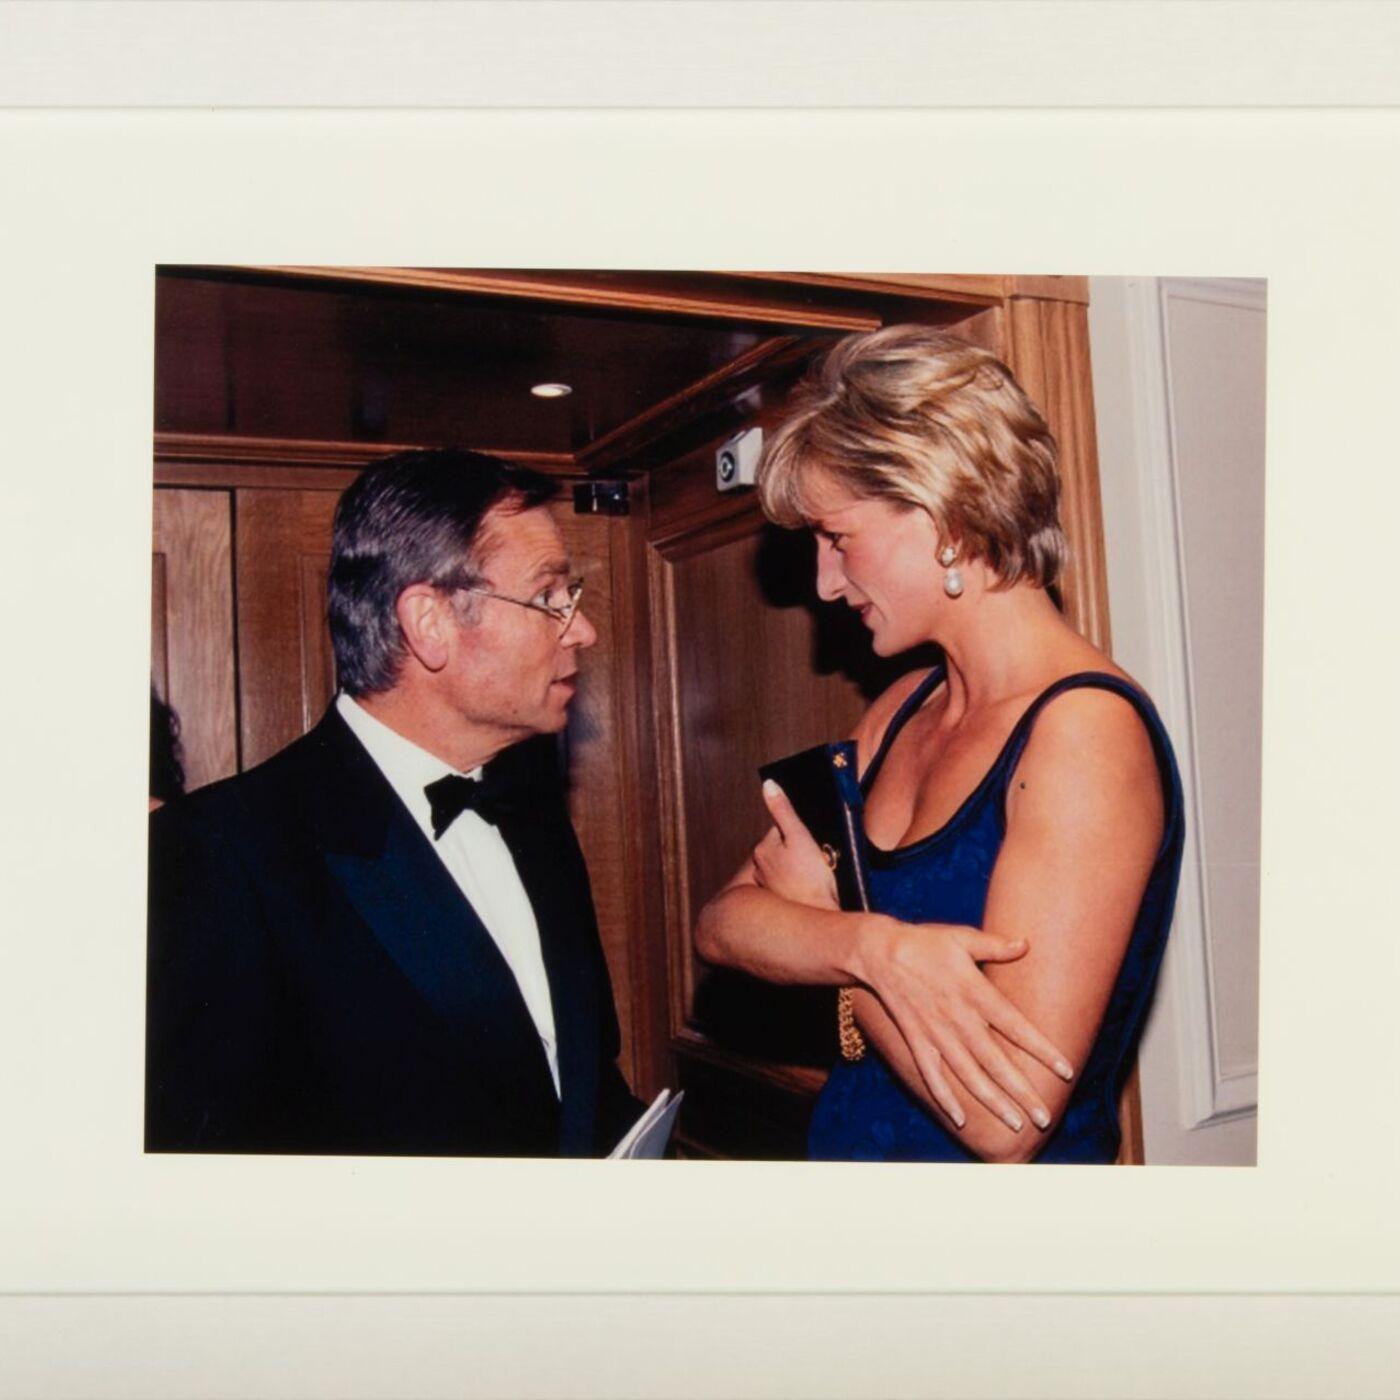 Princess Diana Museum - Jeffrey Archer, Author, Politician & Princess Diana Confidant